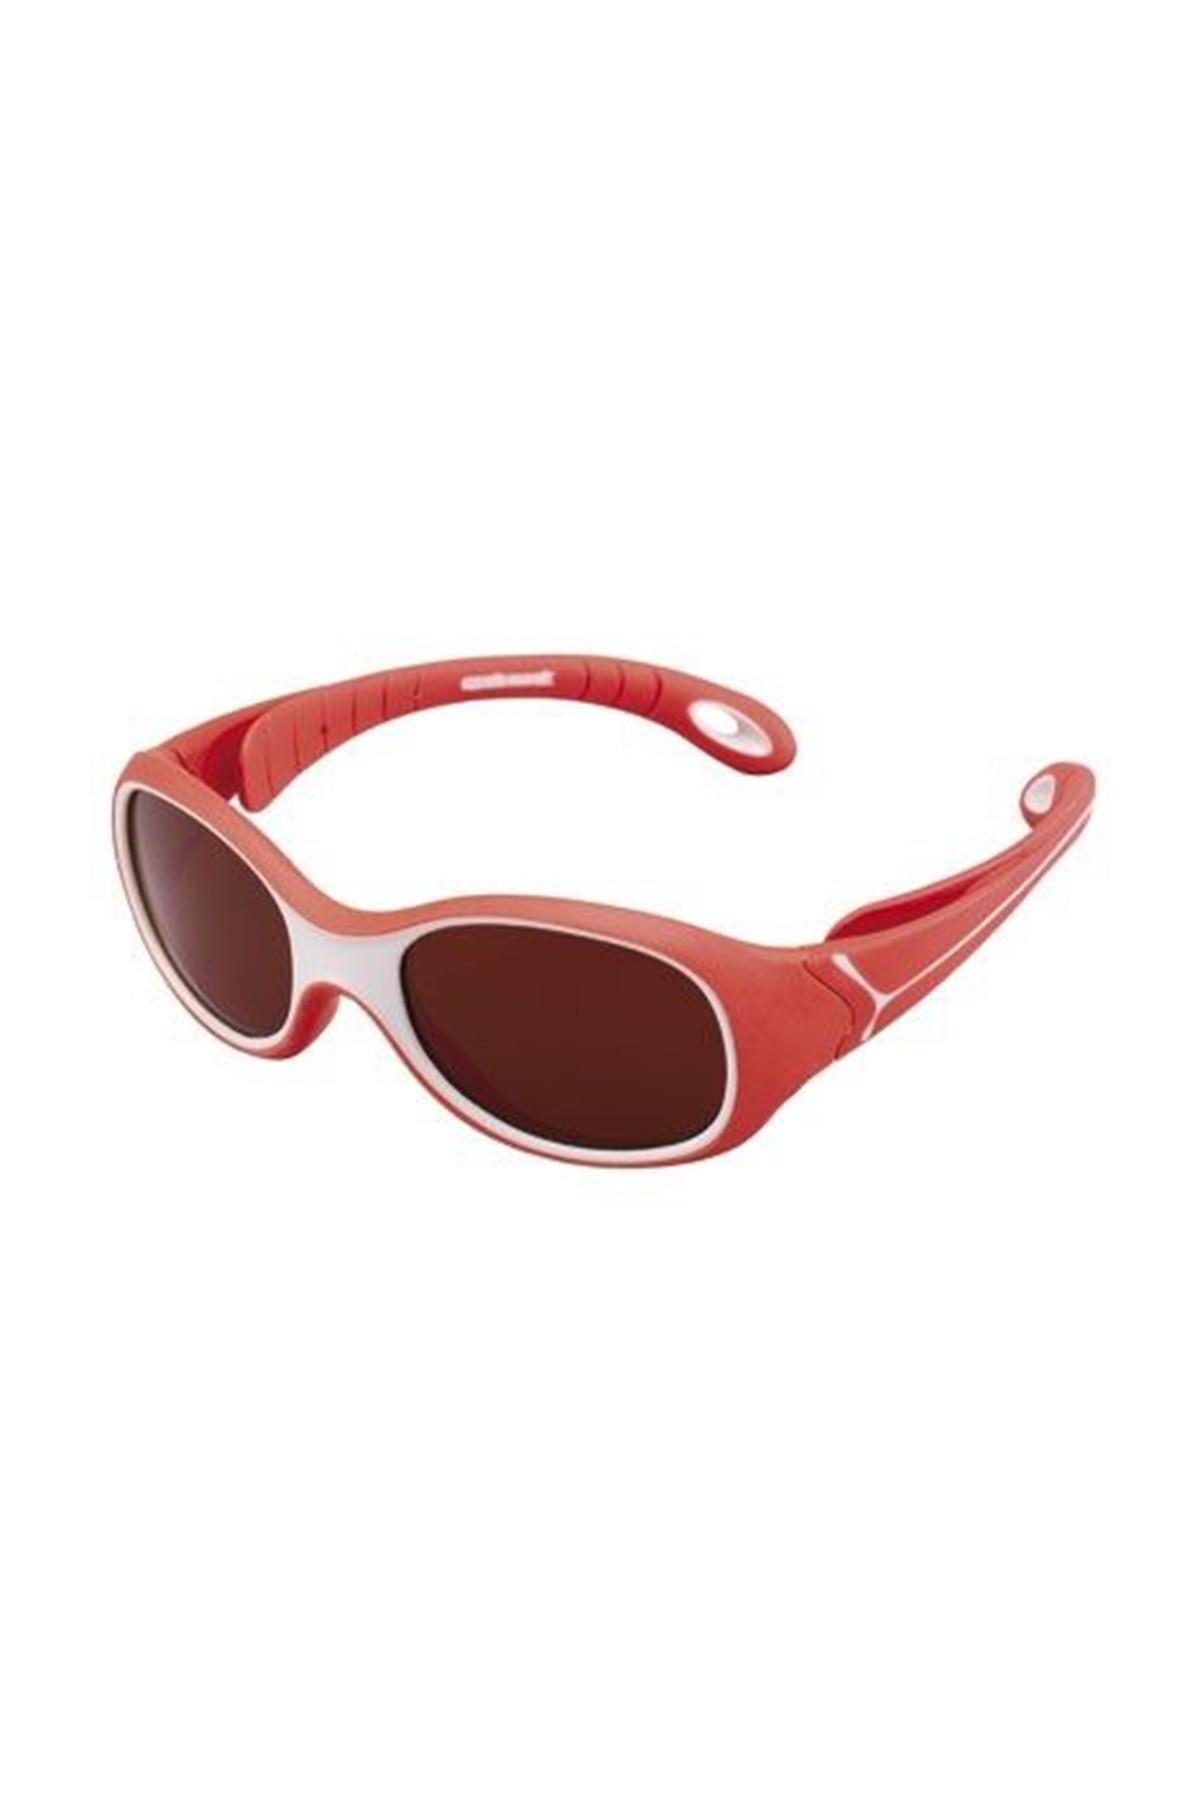 Cebe Skimo Çocuk Gözlük Kırmızı 2000 Melanıne Cbskimo4